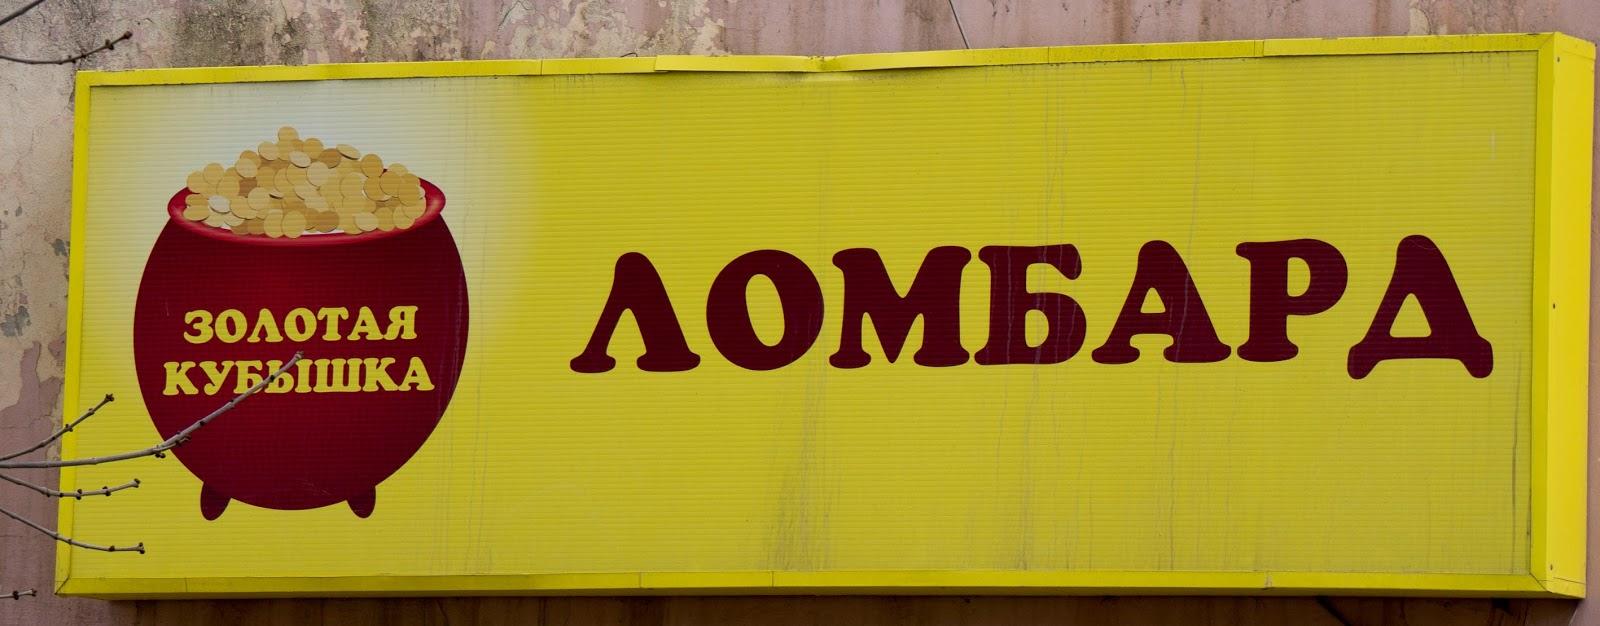 kapli-molot-tora-dostavka-po-vsey-rossii